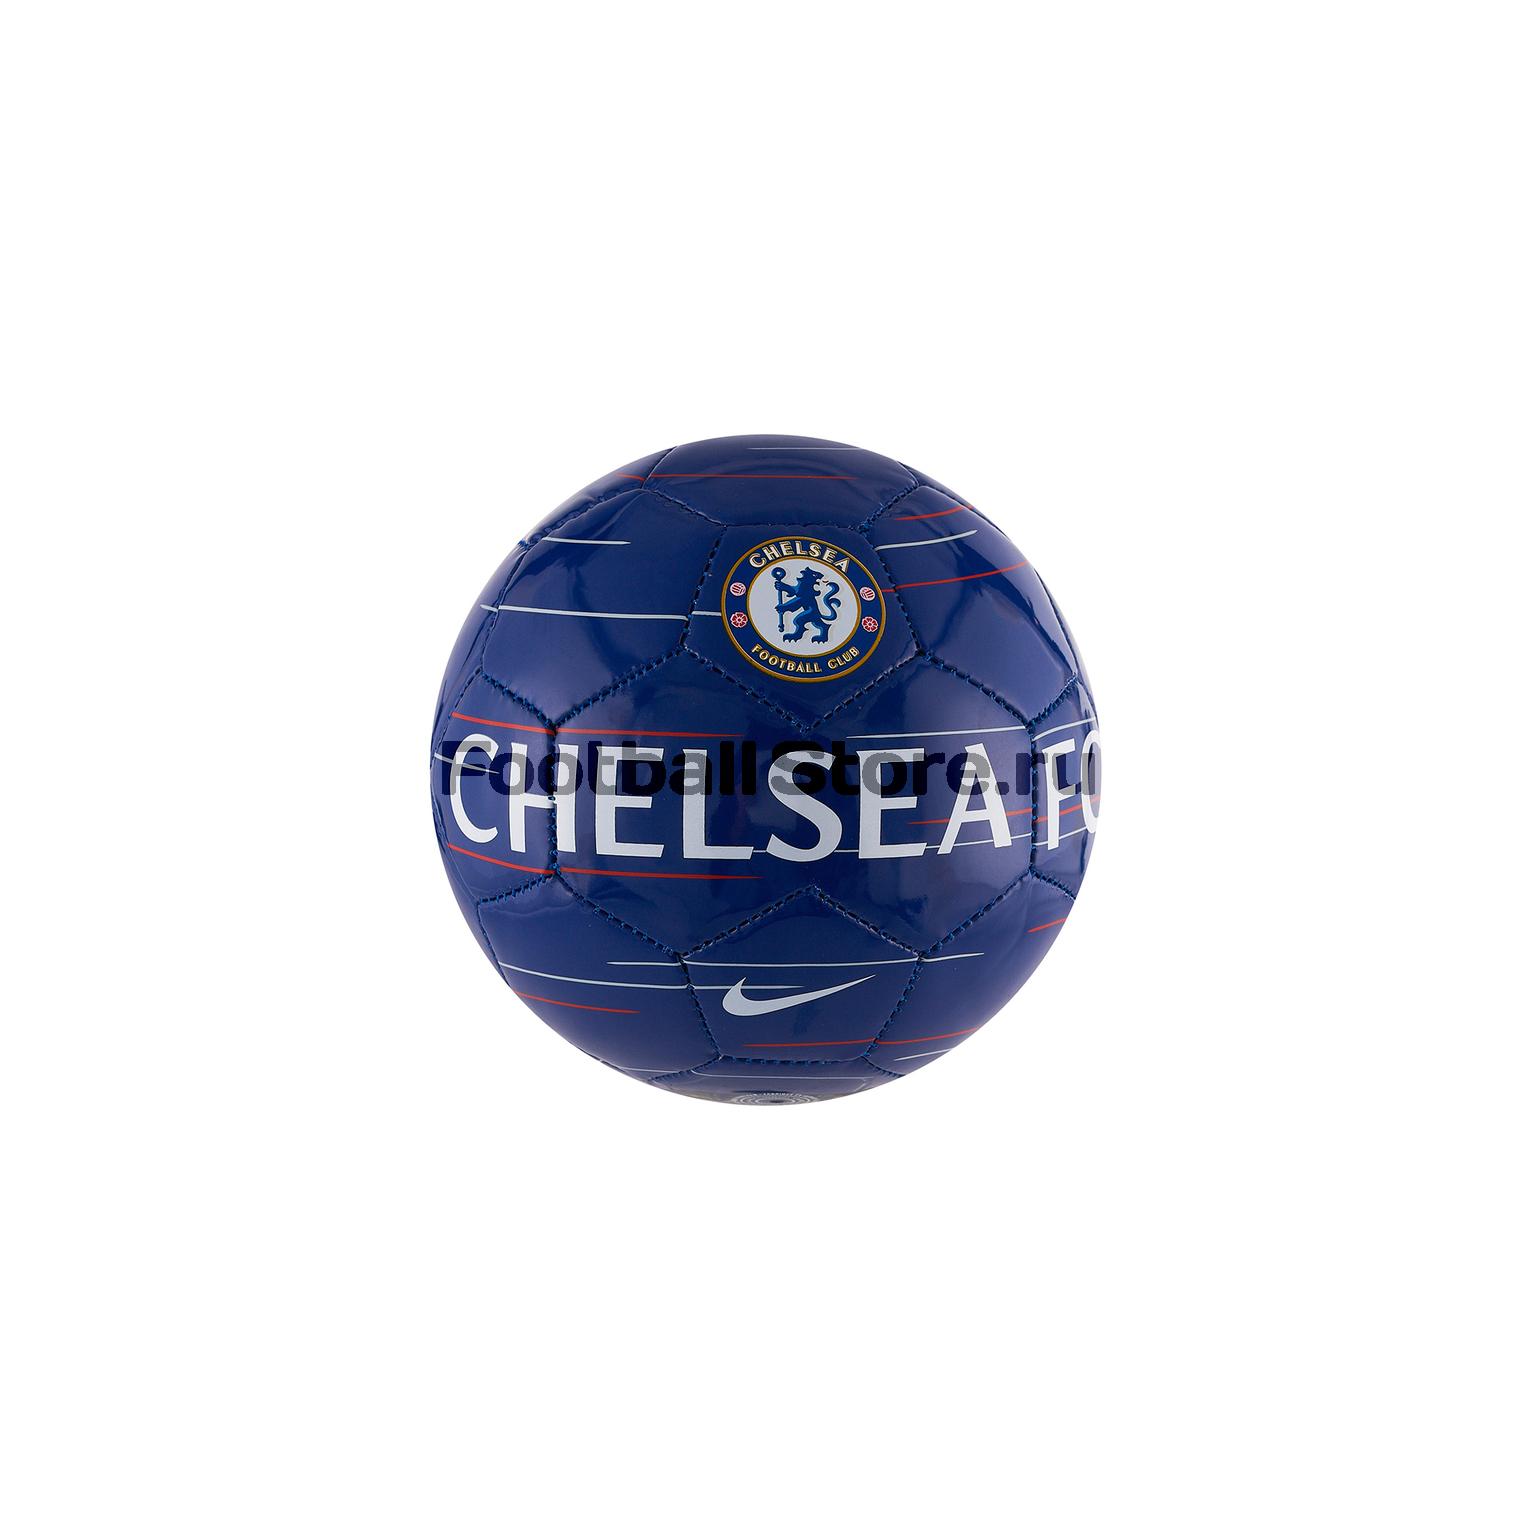 Футбольный мяч сувенирный Nike Chelsea SC3336-495 chelsea nike перчатки тренировочные nike chelsea gs0353 060